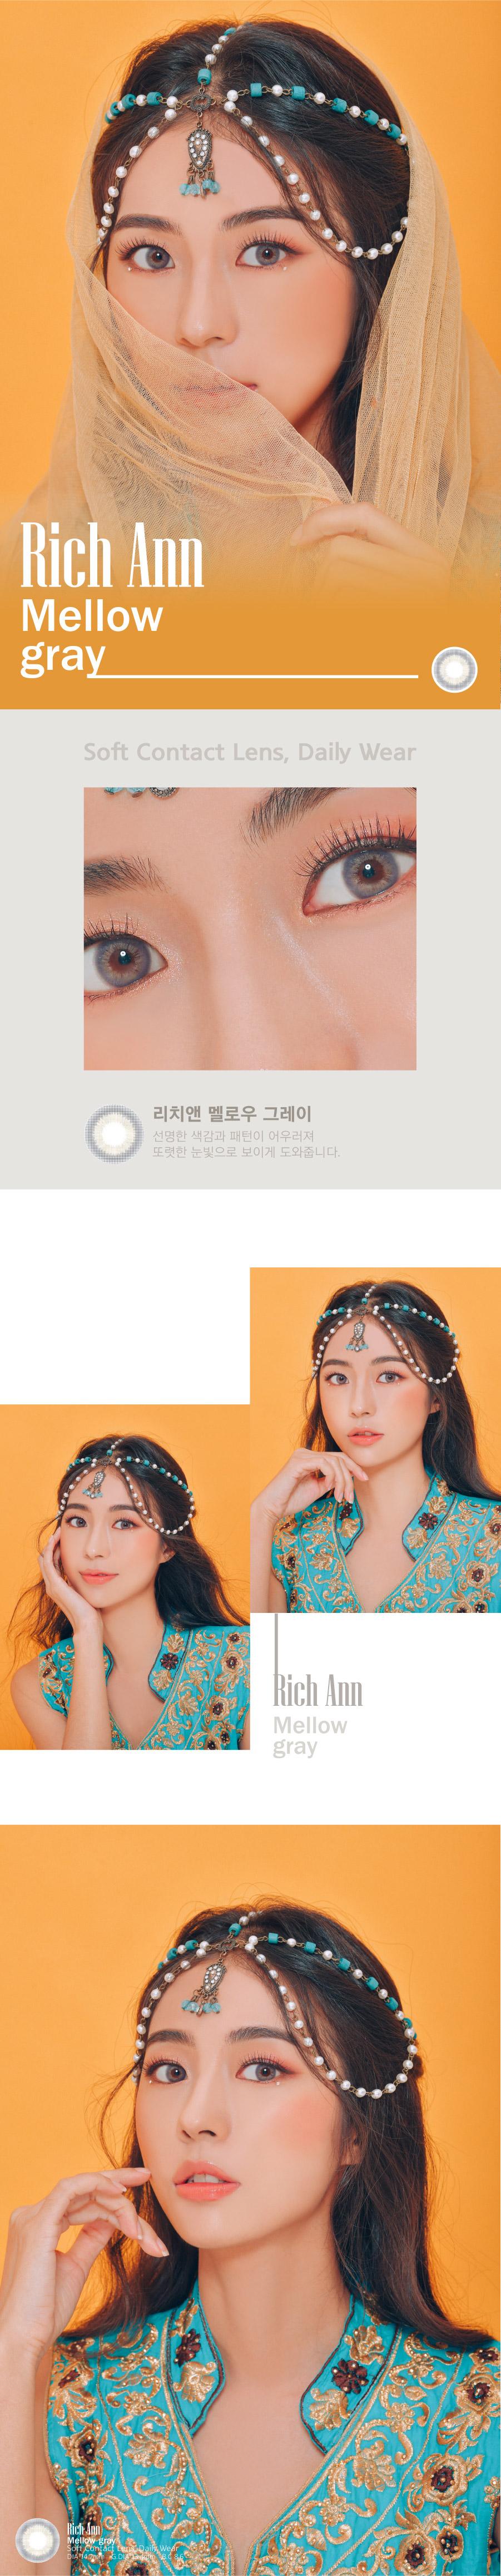 buy-ann365-mellow-gray-circle-lenses-klenspop-6.jpg